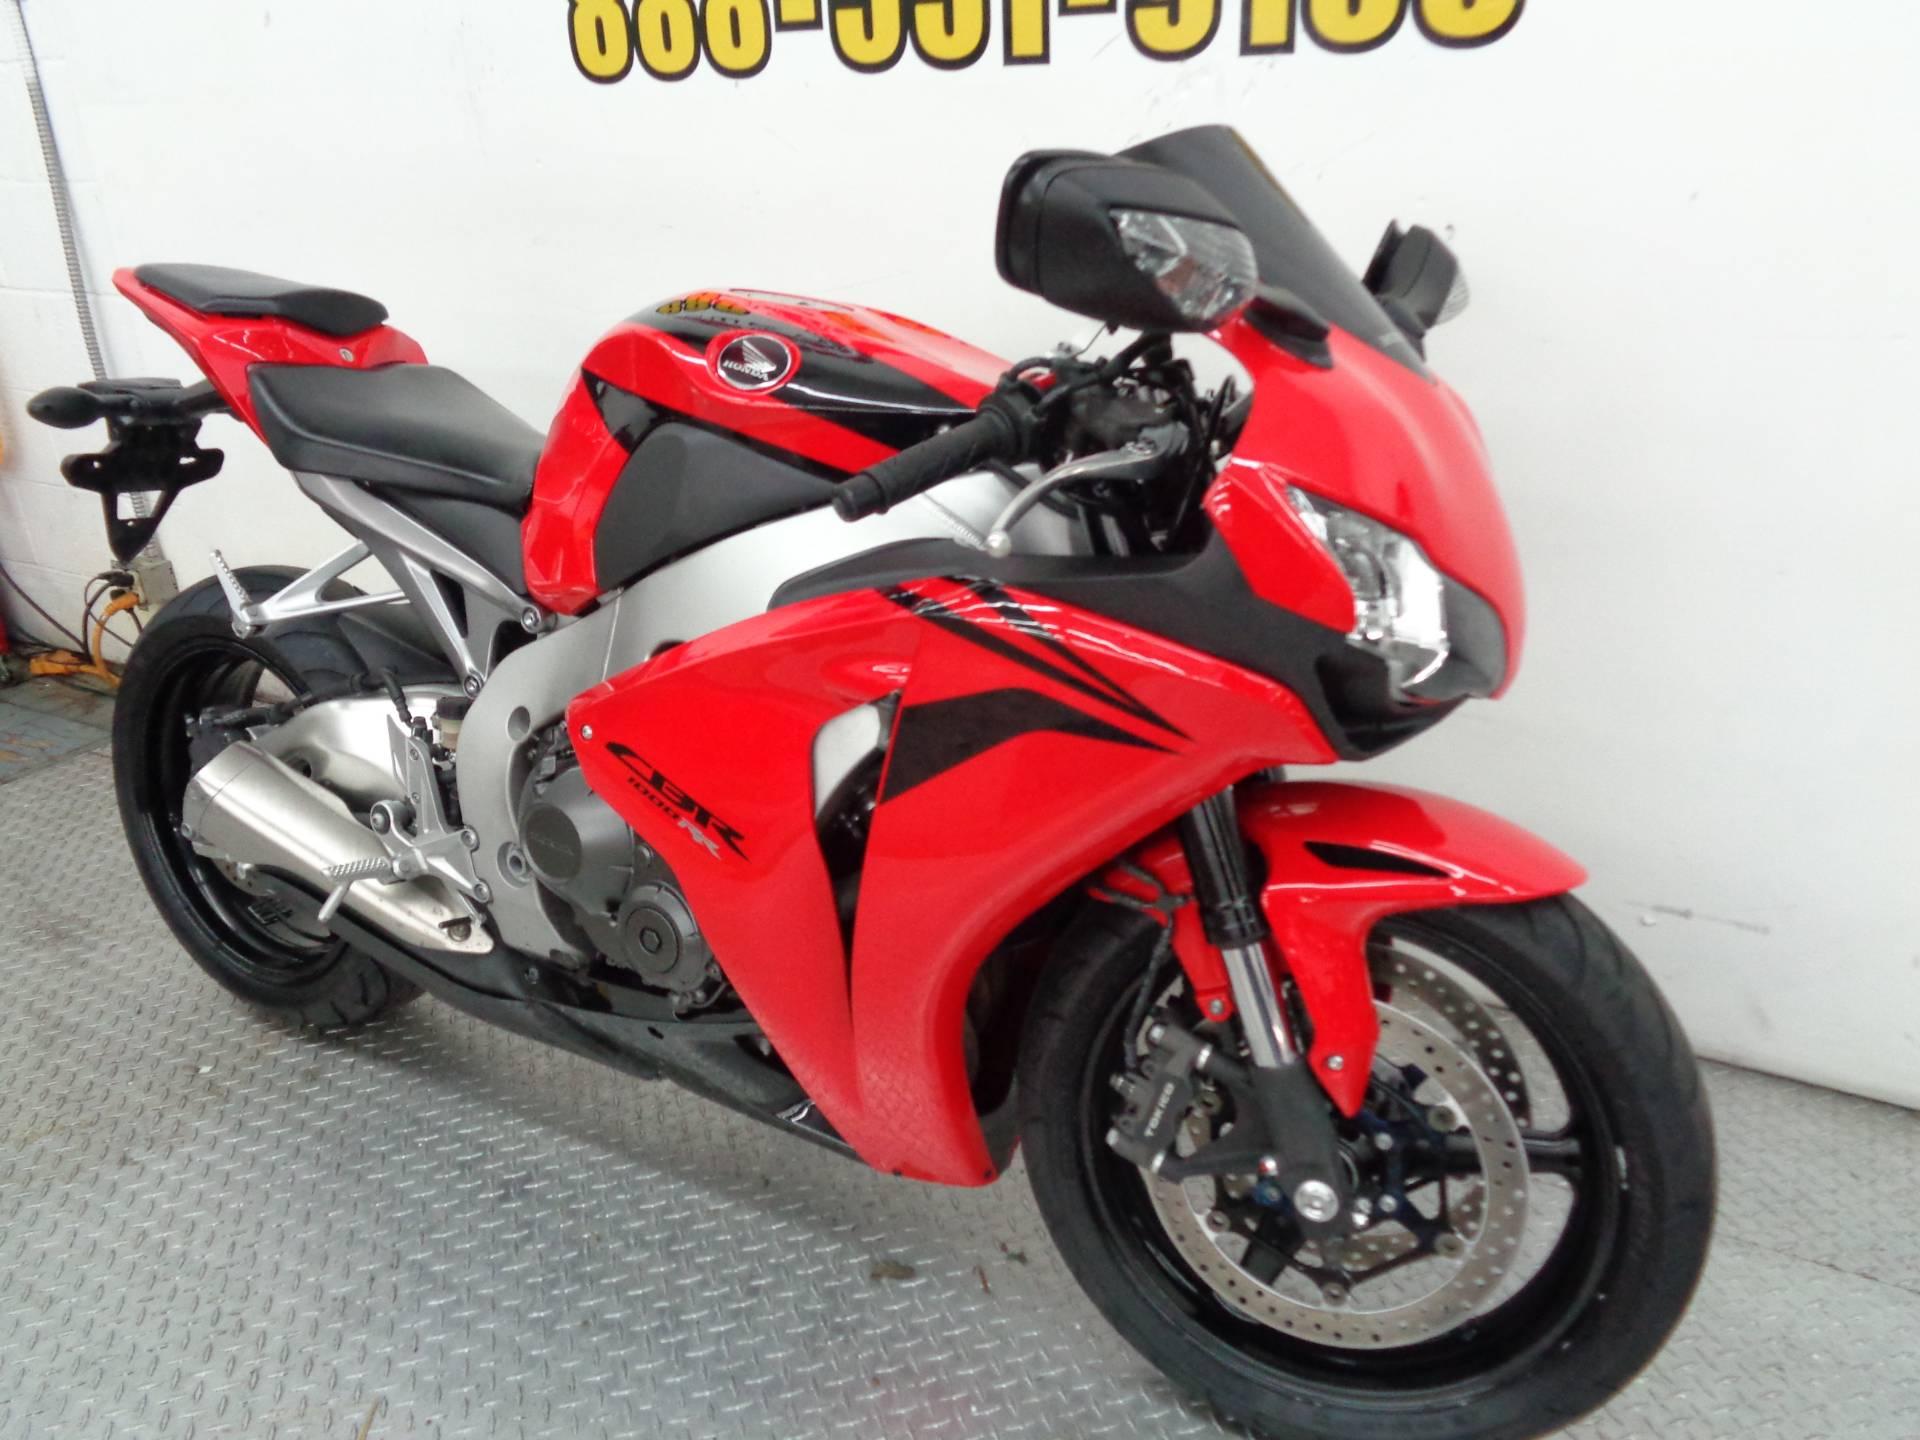 2011 Honda CBR1000RR For Sale Tulsa, OK : 94416